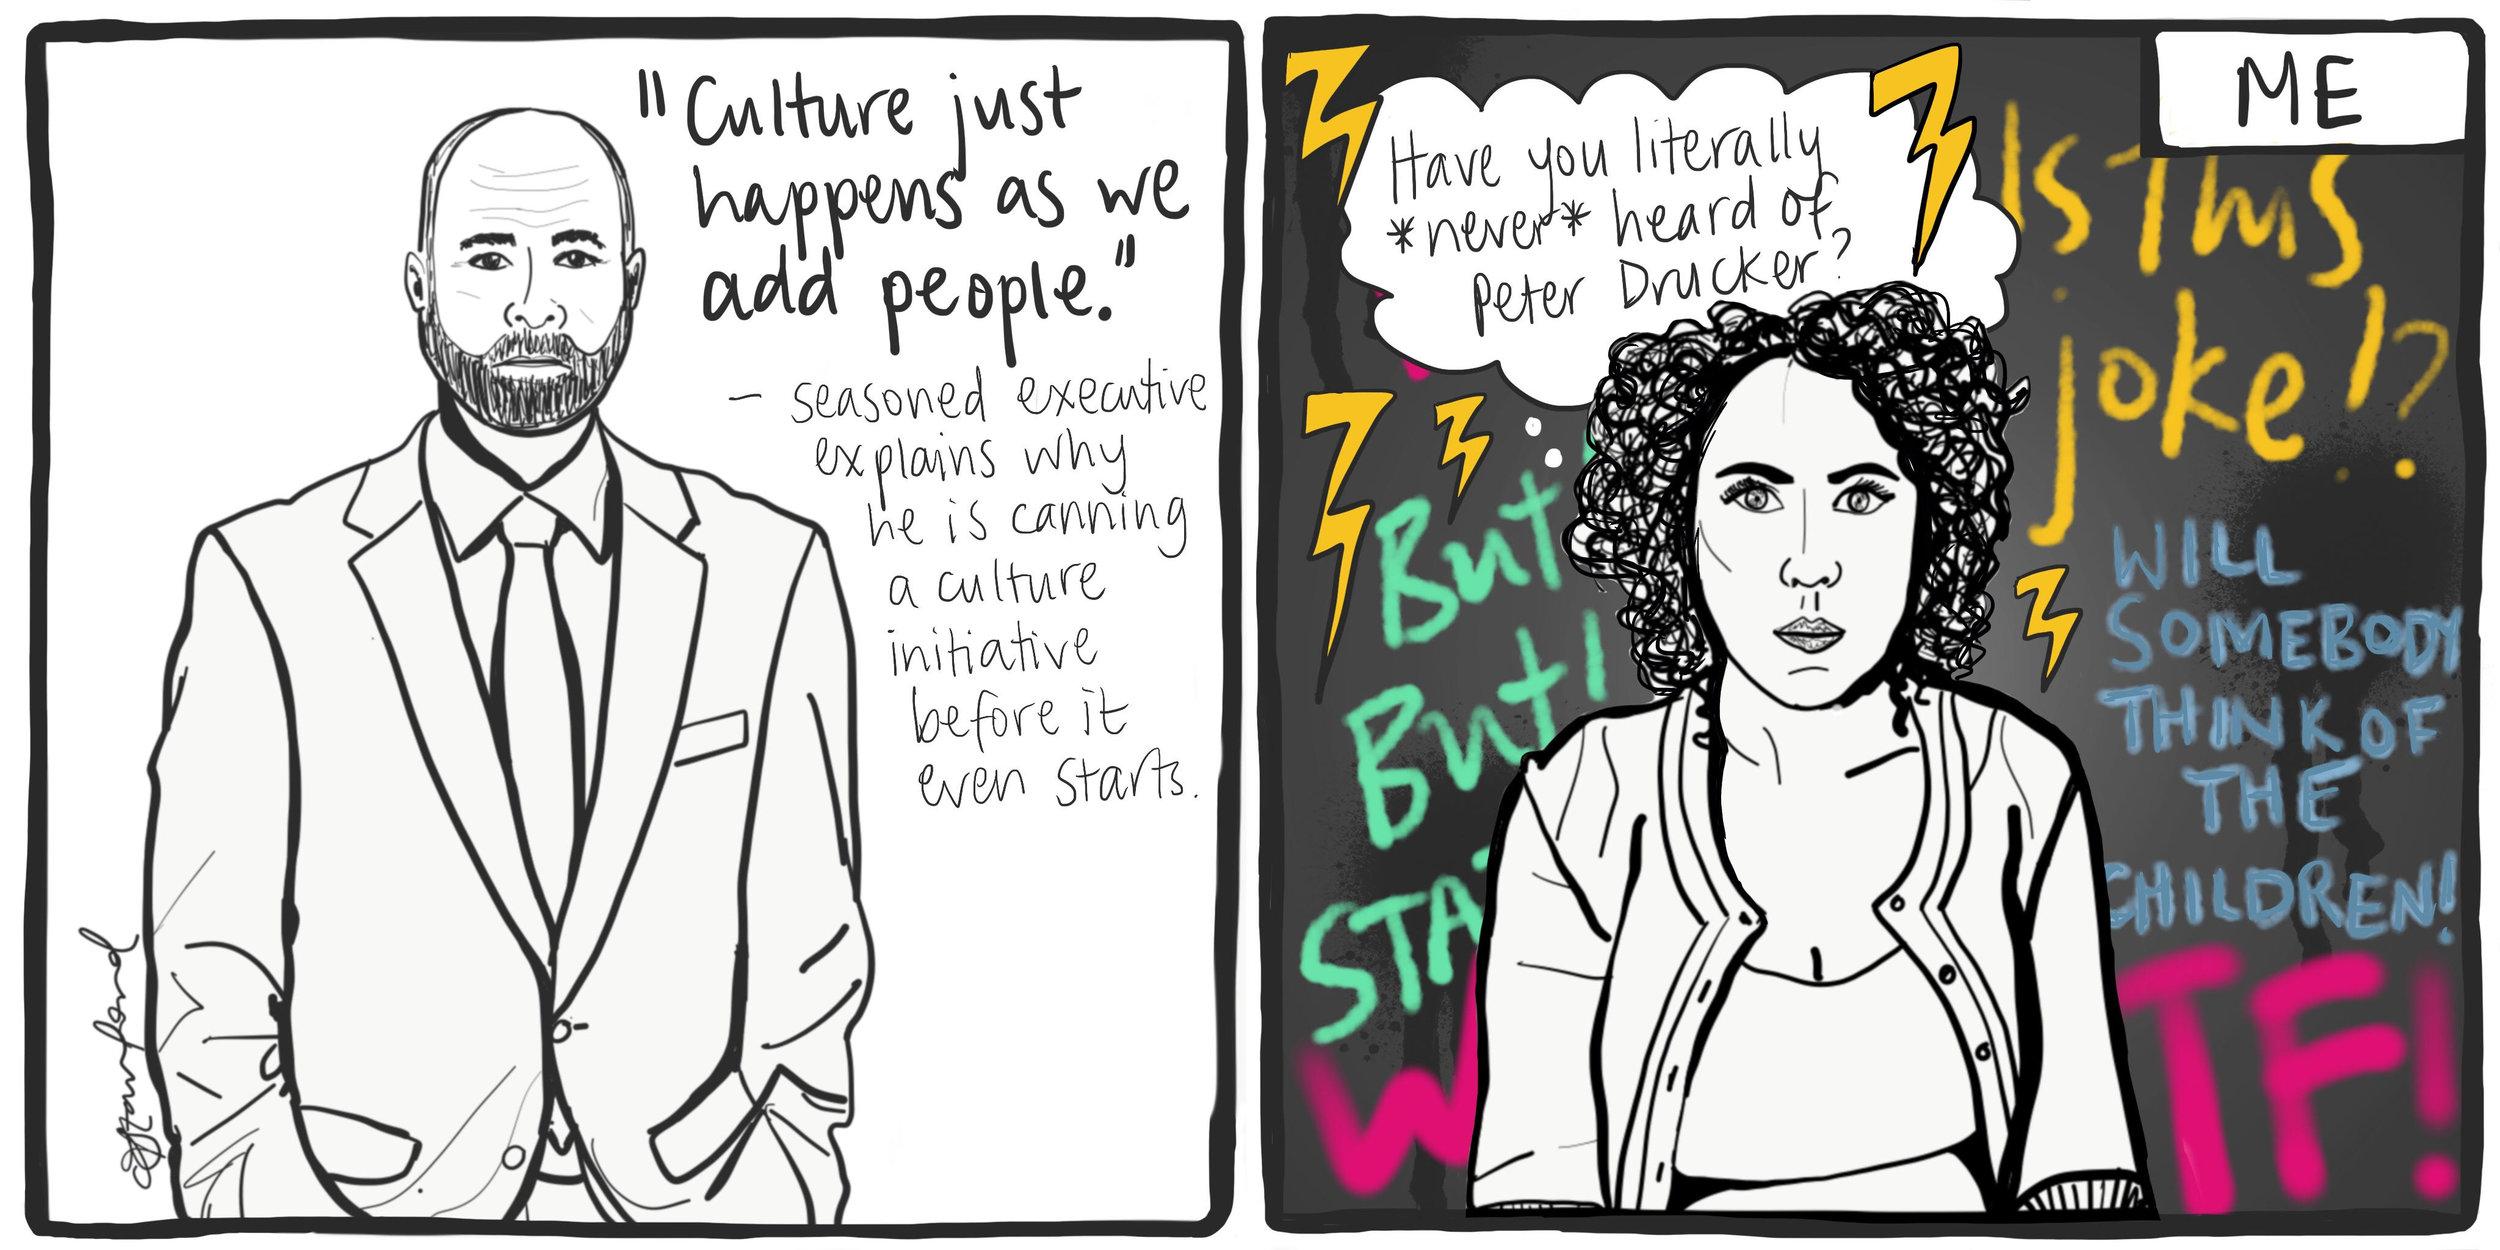 Culture happens as we add people.jpg